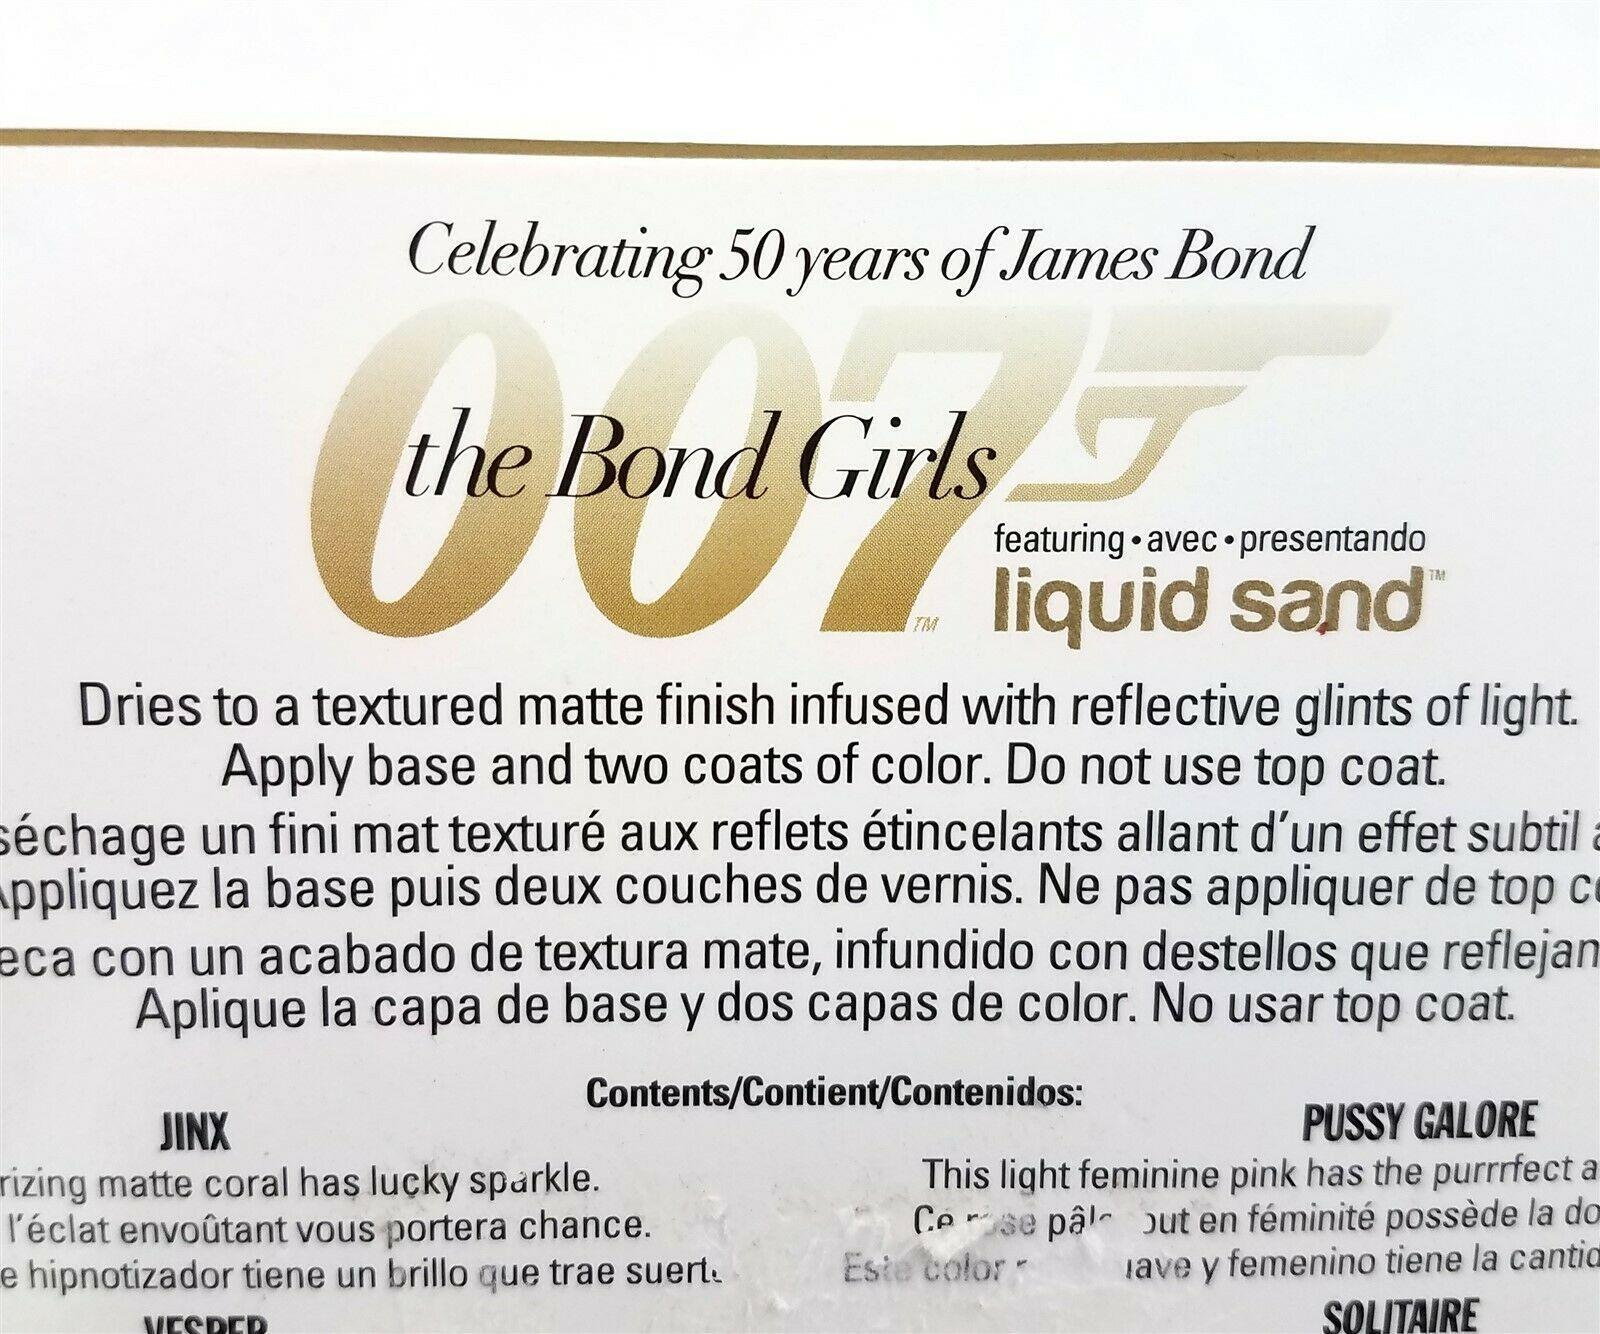 OPI 007 The Bond Girls Liquid Sand Mini Nail Polishes Set Of 4 1/8 fl oz image 4